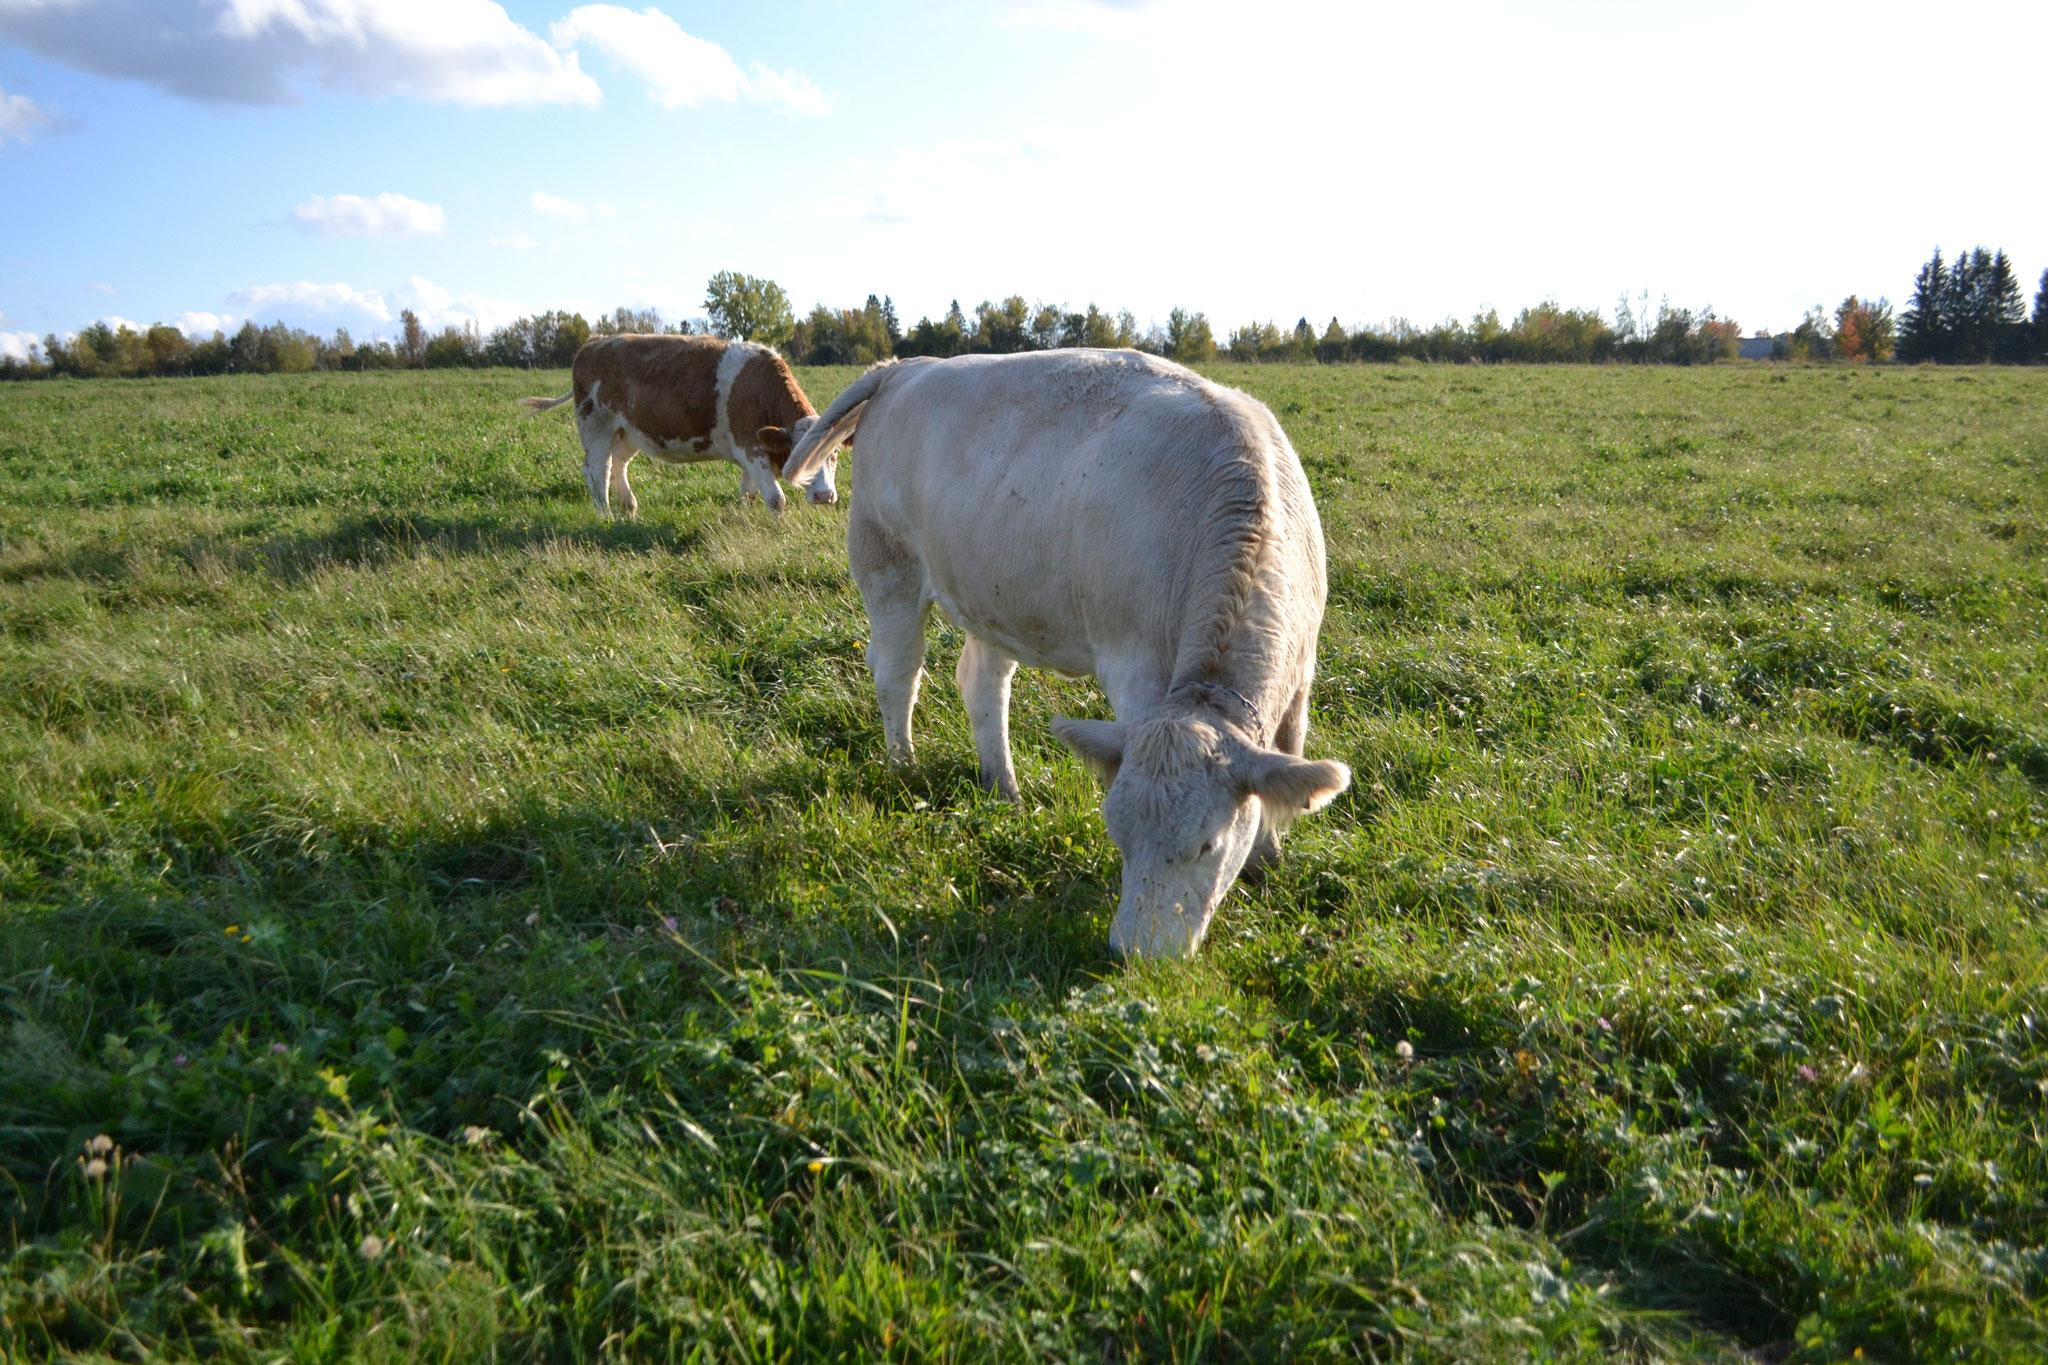 Notre boeuf est nourri exclusivement d'herbe de la ferme...